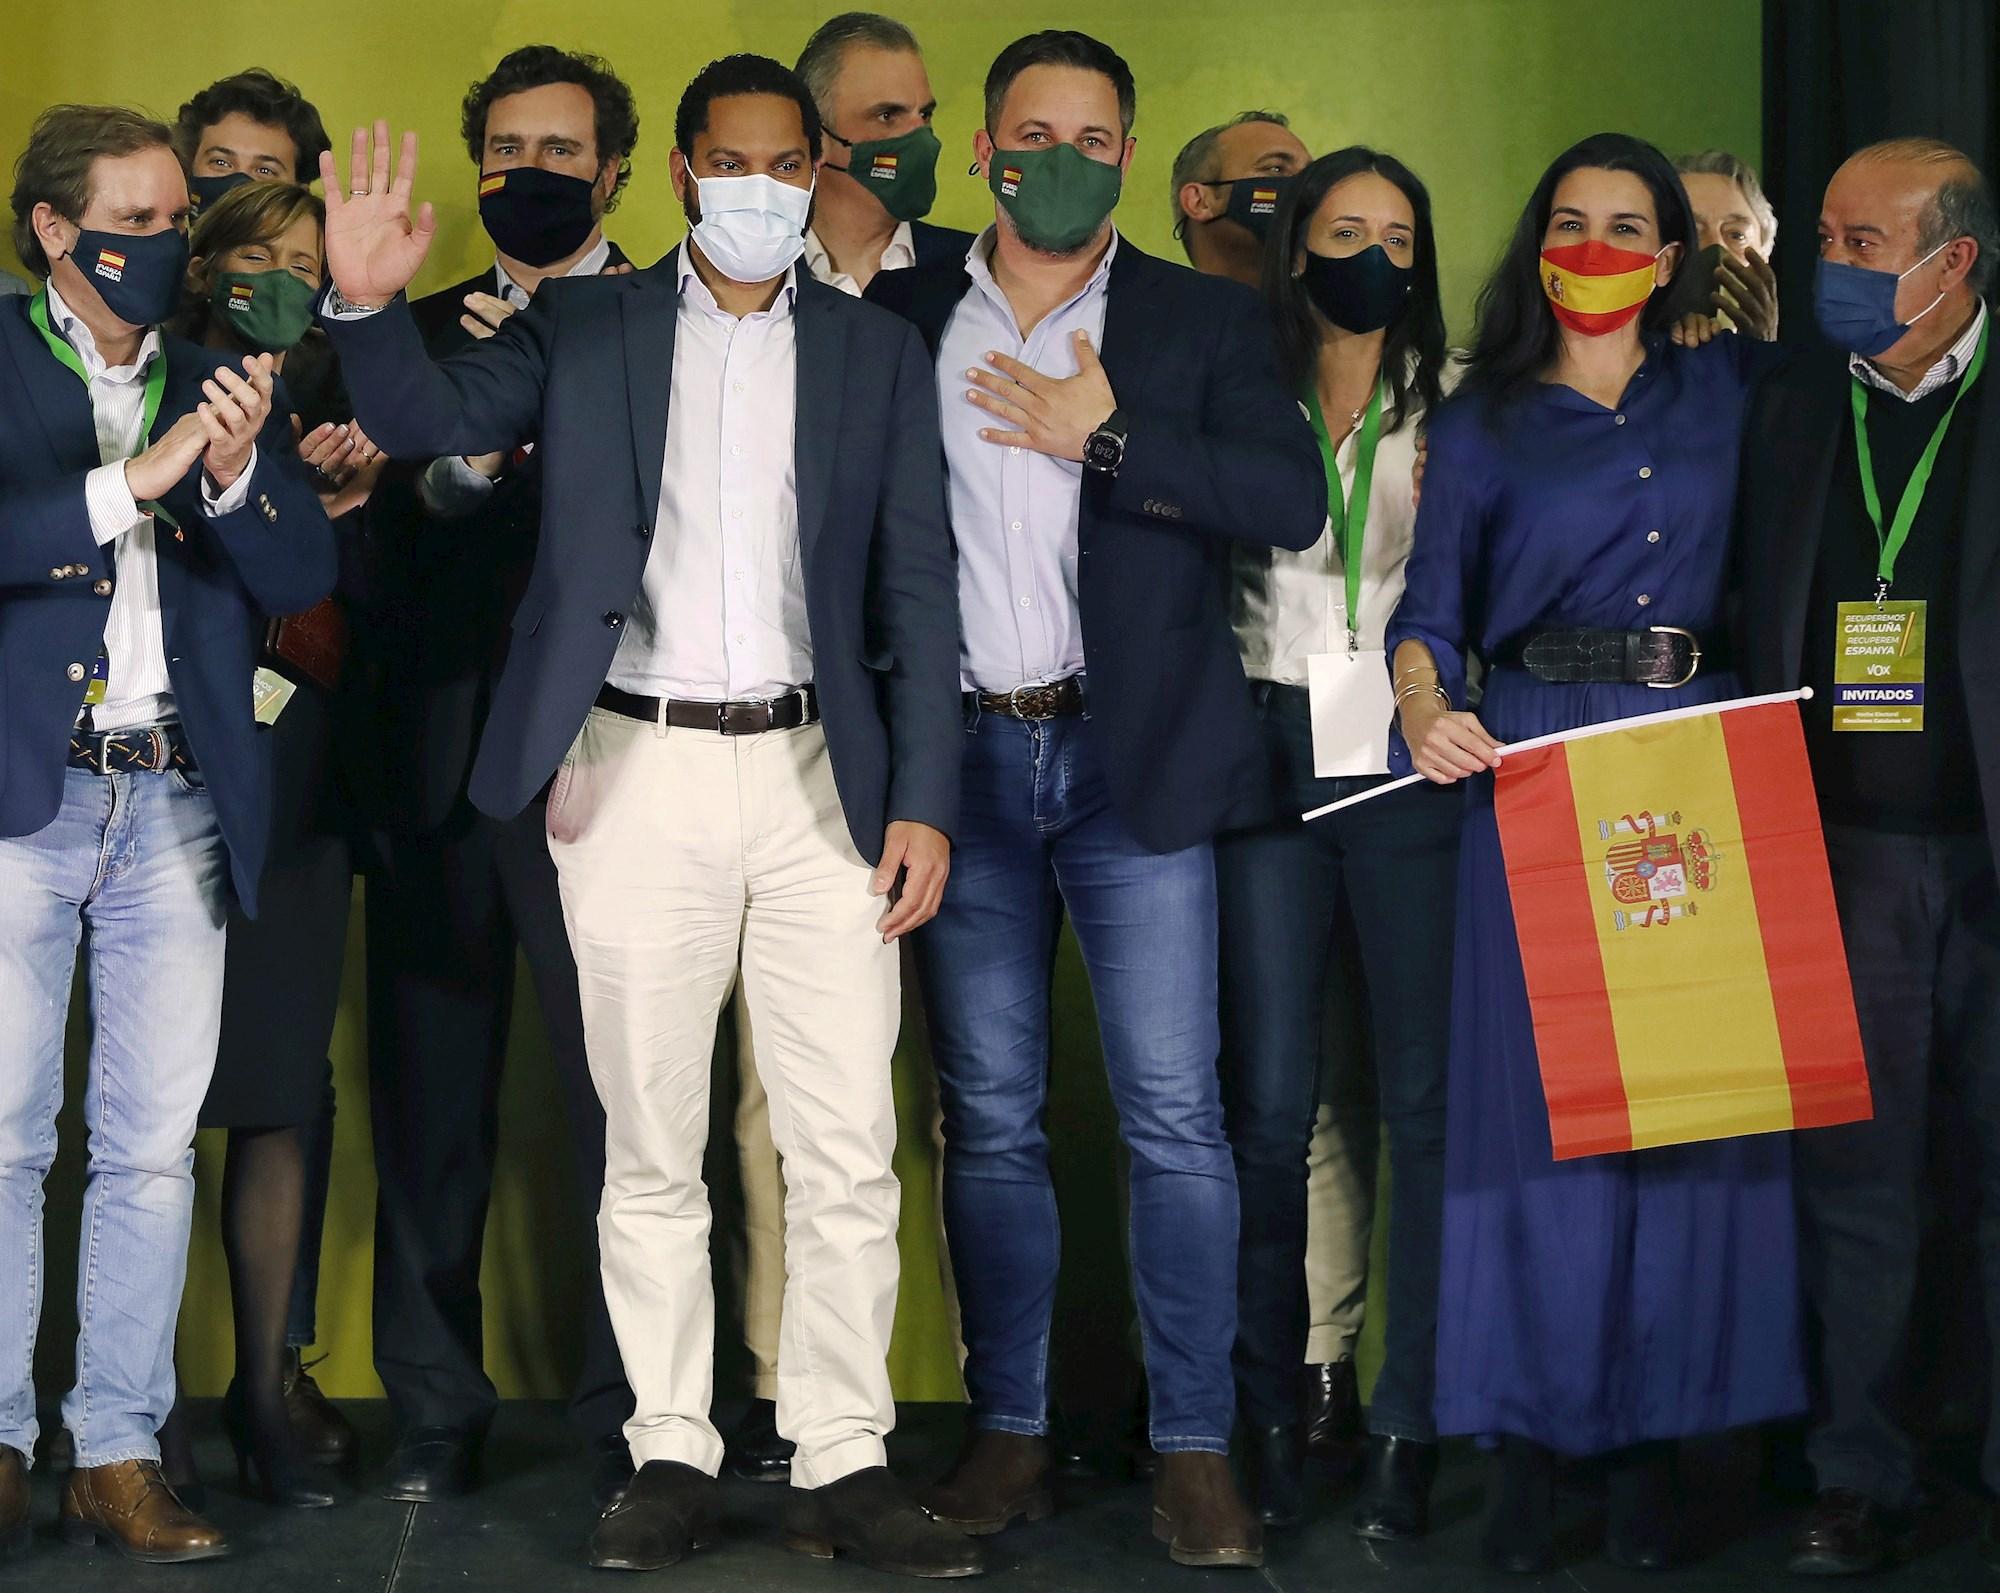 El candidato de Vox, Ignacio Garriga, y el presidente del partido, Santiago Abascal, entre otros, celebran los resultados obtenidos en las elecciones catalanas del 14 de febrero de 2021 | EFE/AD